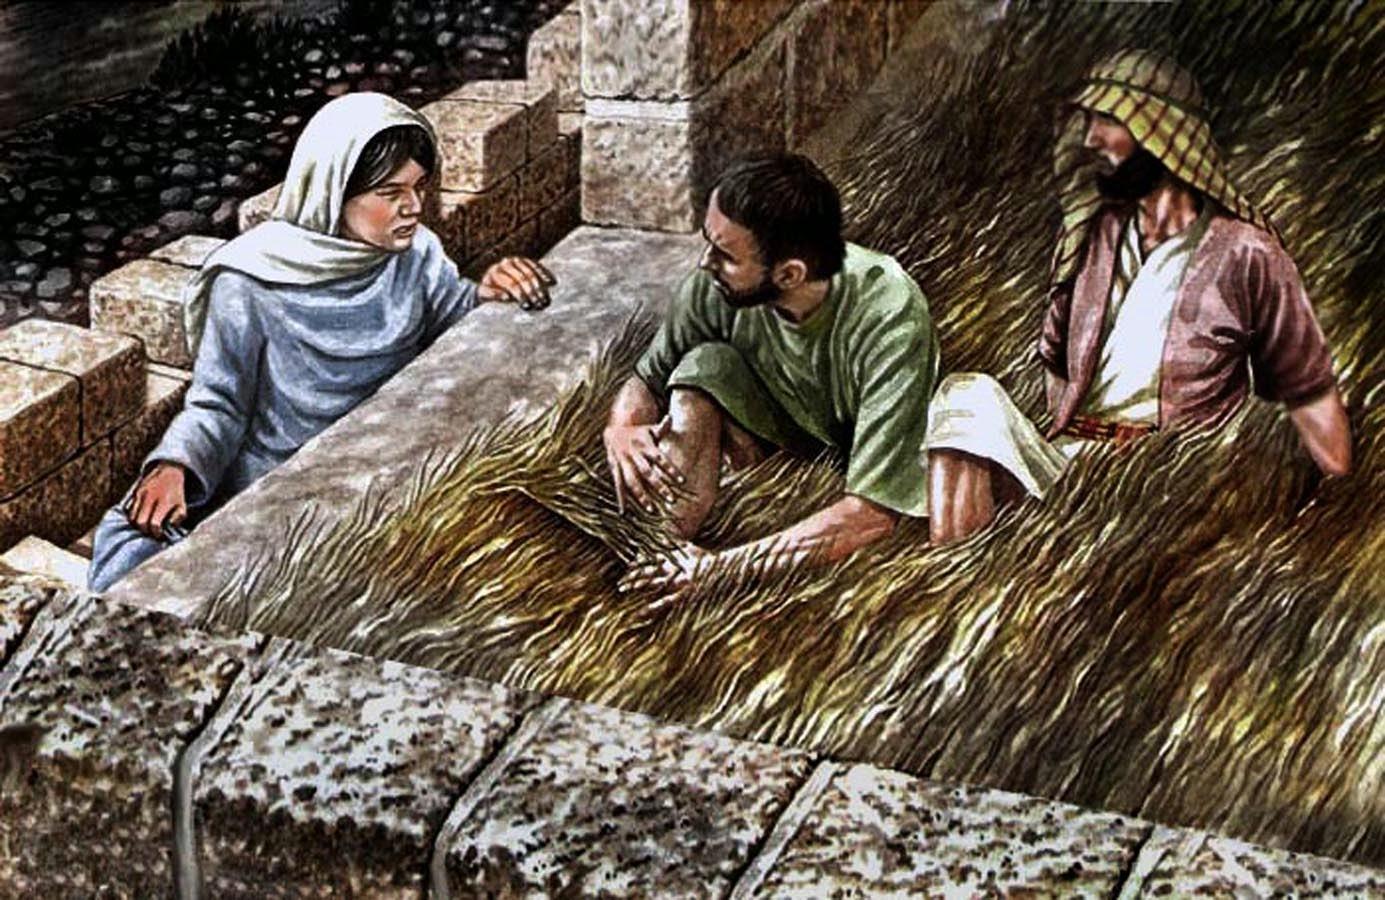 prostitutas movies prostitutas en la biblia